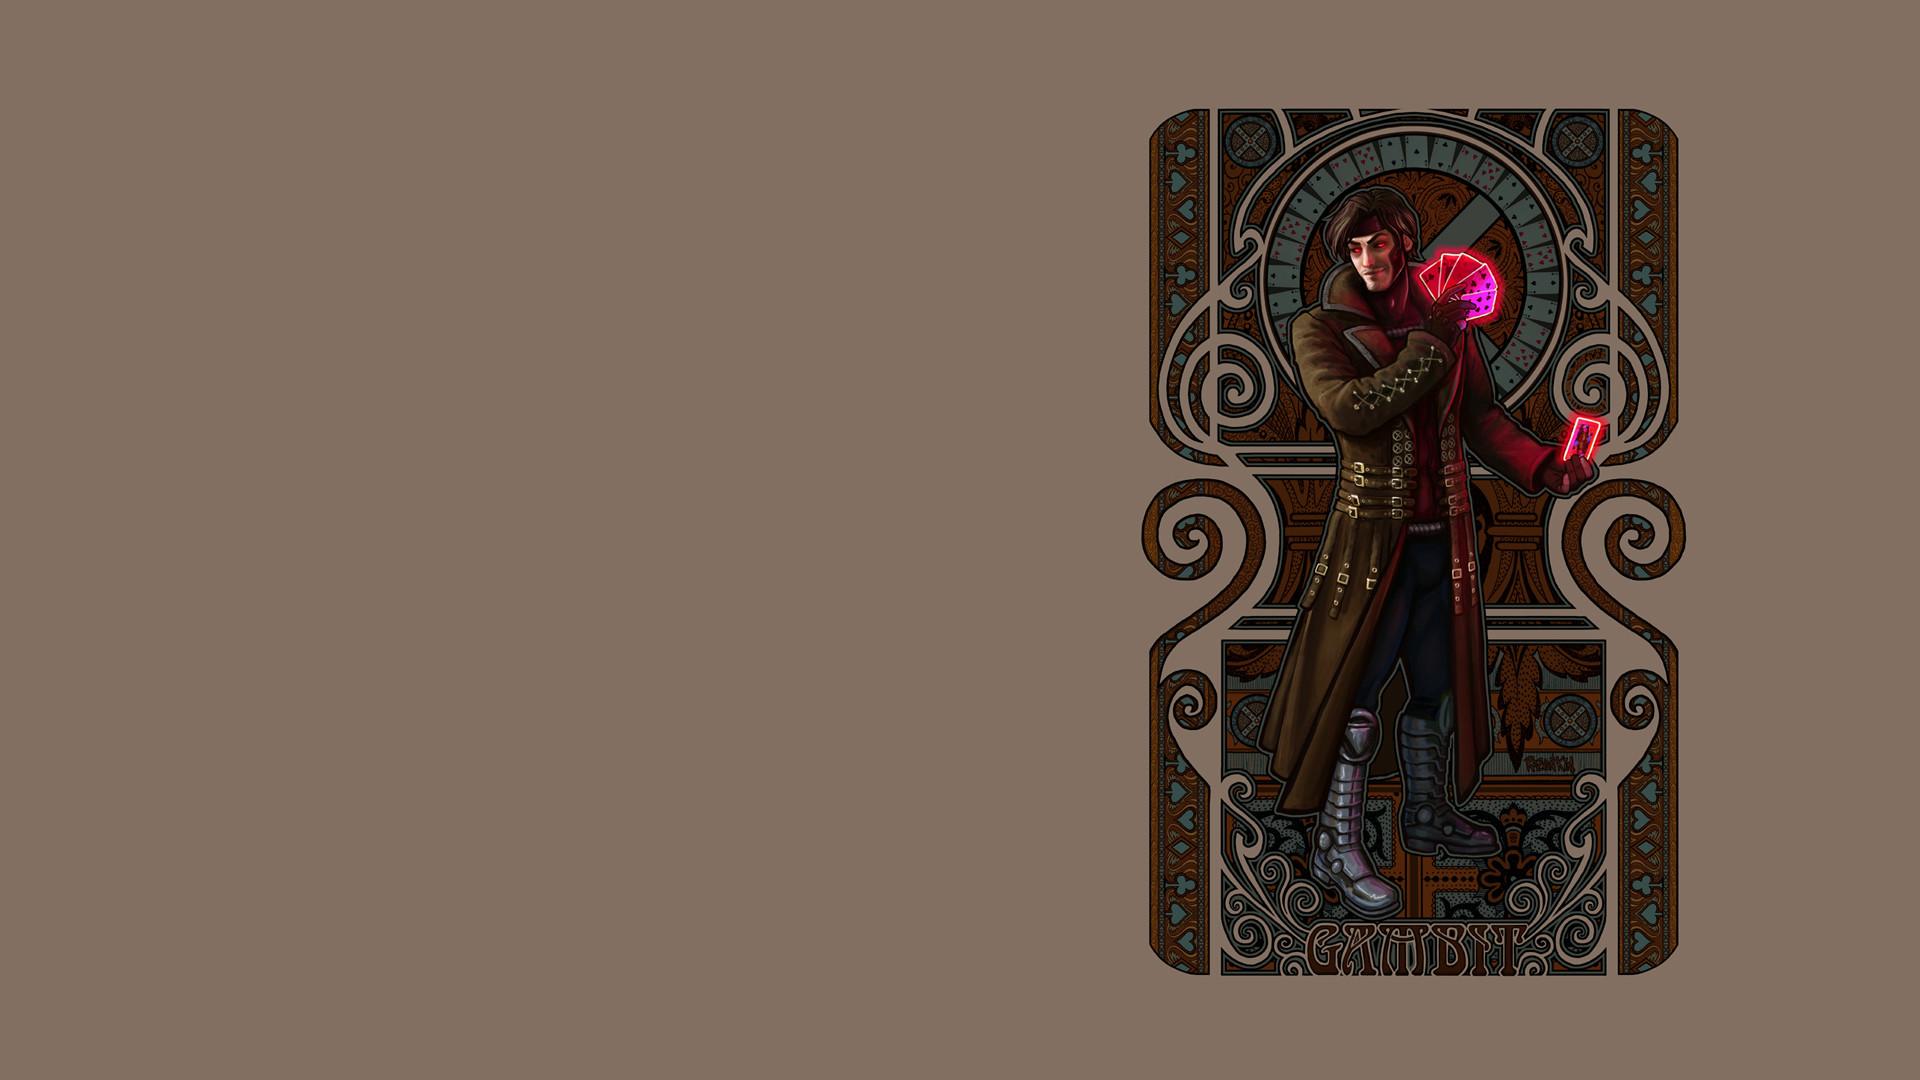 Men Gambit Wallpaper XMen, Gambit, Artwork